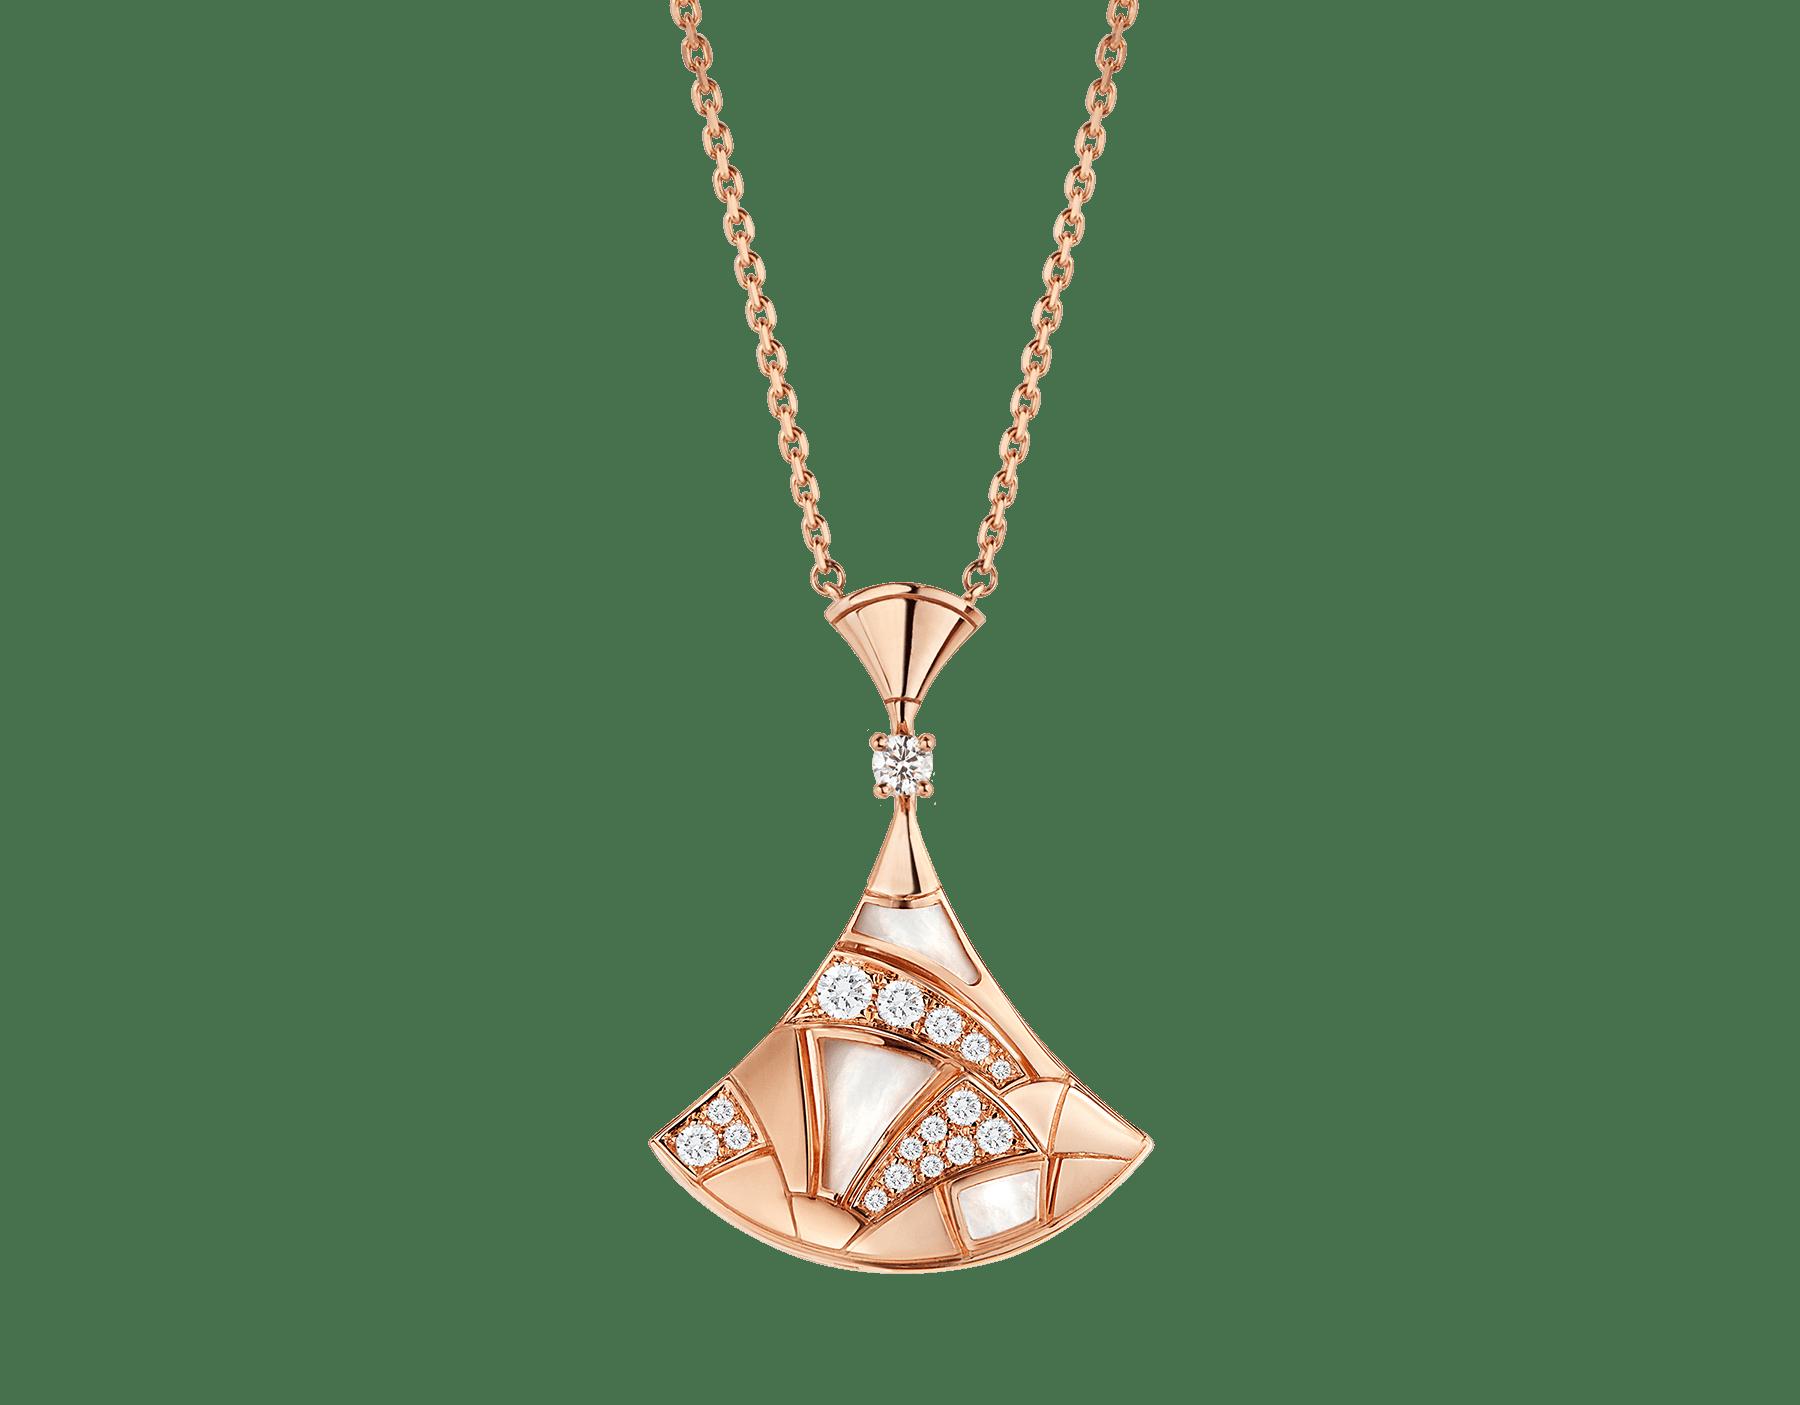 Collier DIVAS' DREAM en or rose 18K avec pendentif serti d'éléments en nacre, avec un diamant et pavé diamants. 350065 image 1